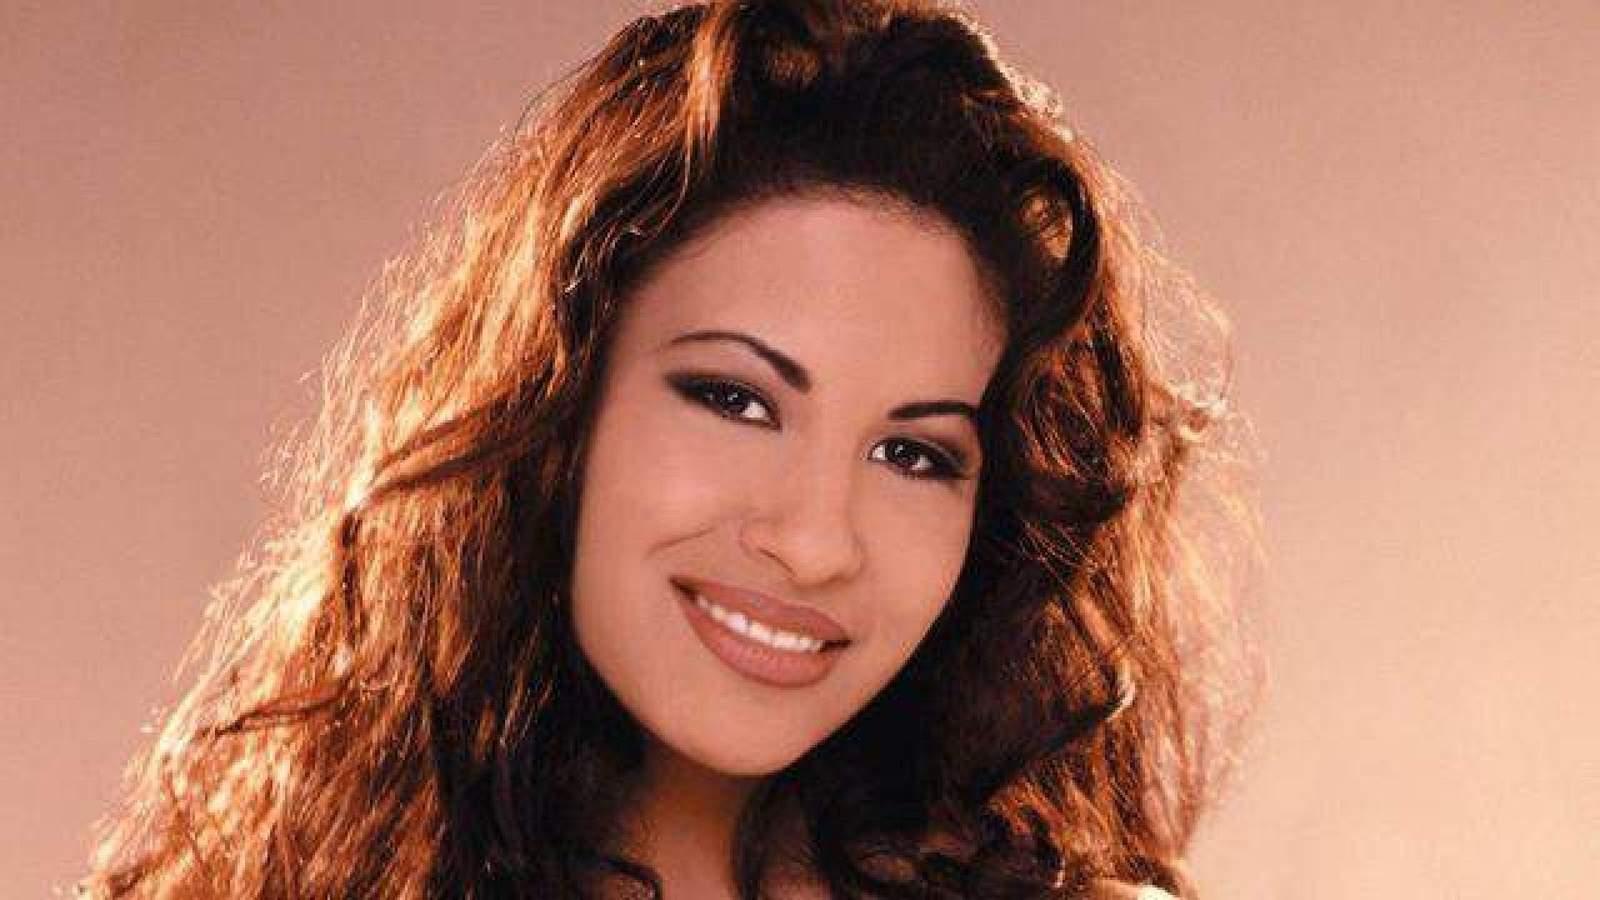 Selena Quintanilla (Селена Кинтанилья-Перес): Биография певицы